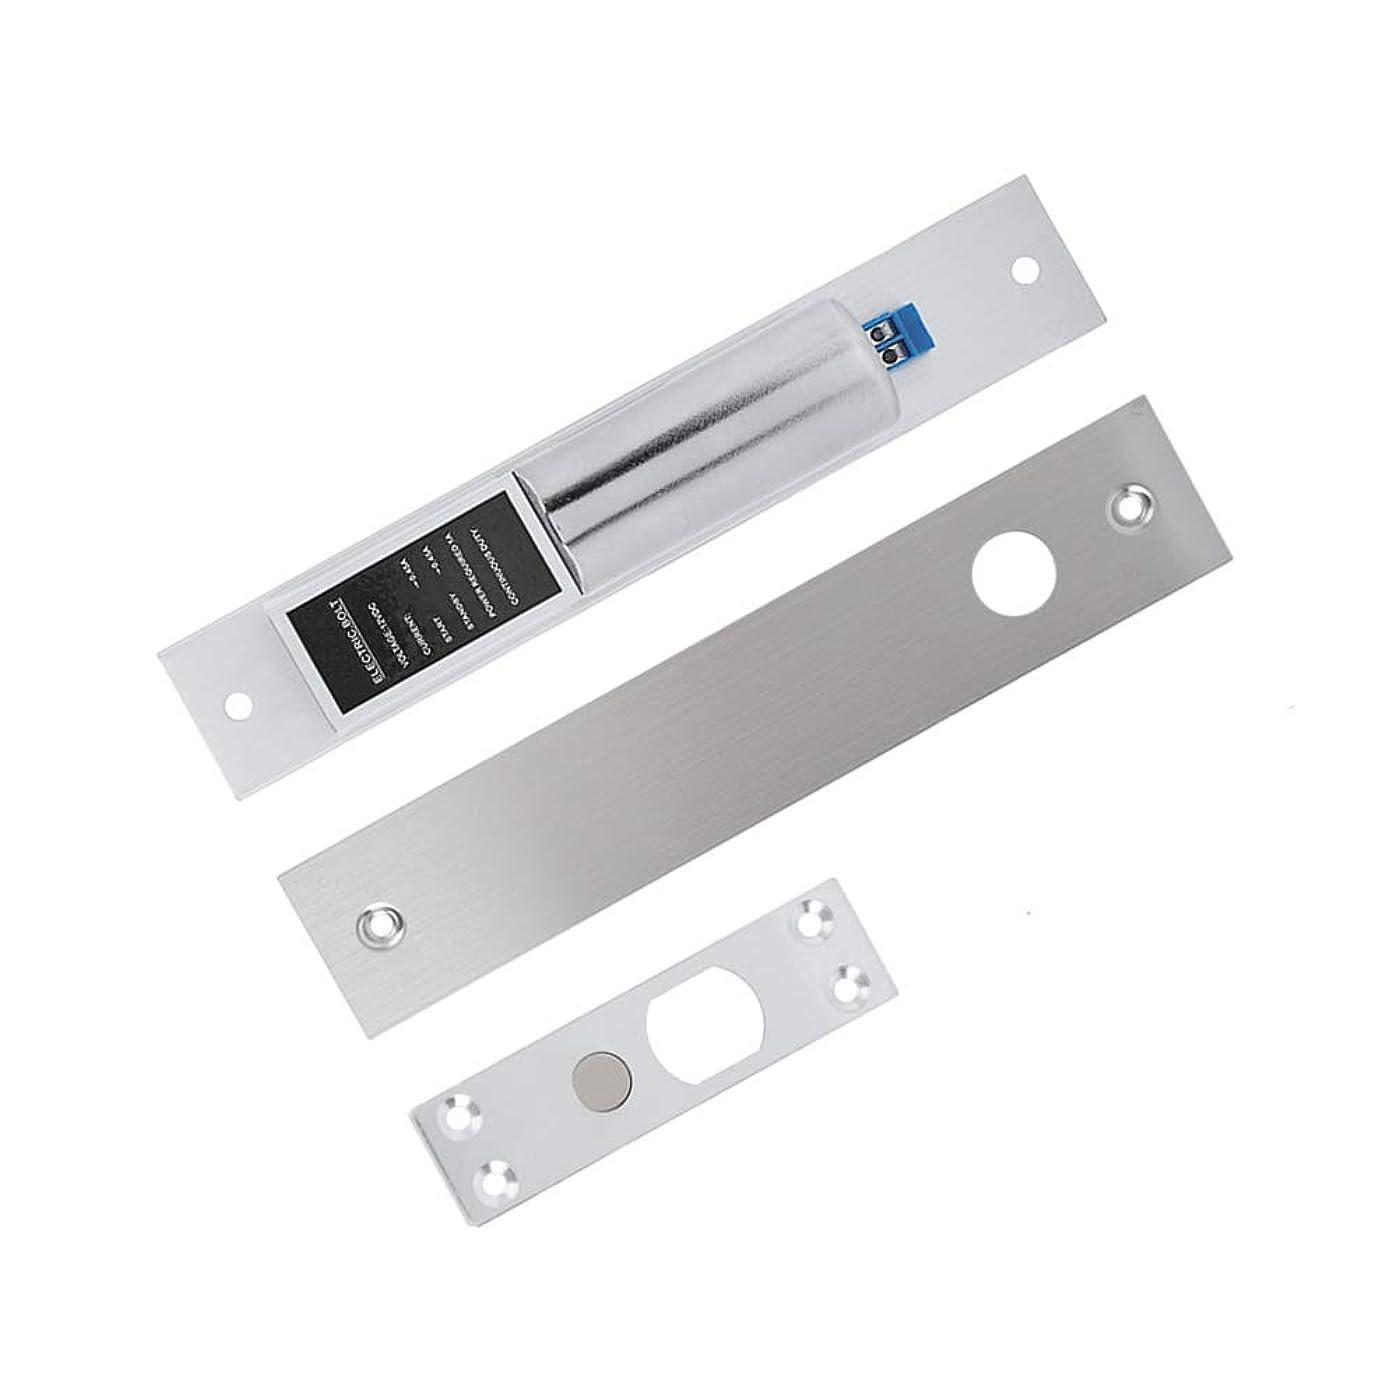 航海悪因子アラブサラボ電気磁気ロック 電磁式電気錠 片式ロック ホームセキュリティーシステム DC 12Vの電気低下ボルトドアロック 誘導 アクセス管理 アクセス制御用 Electromagnetic lock